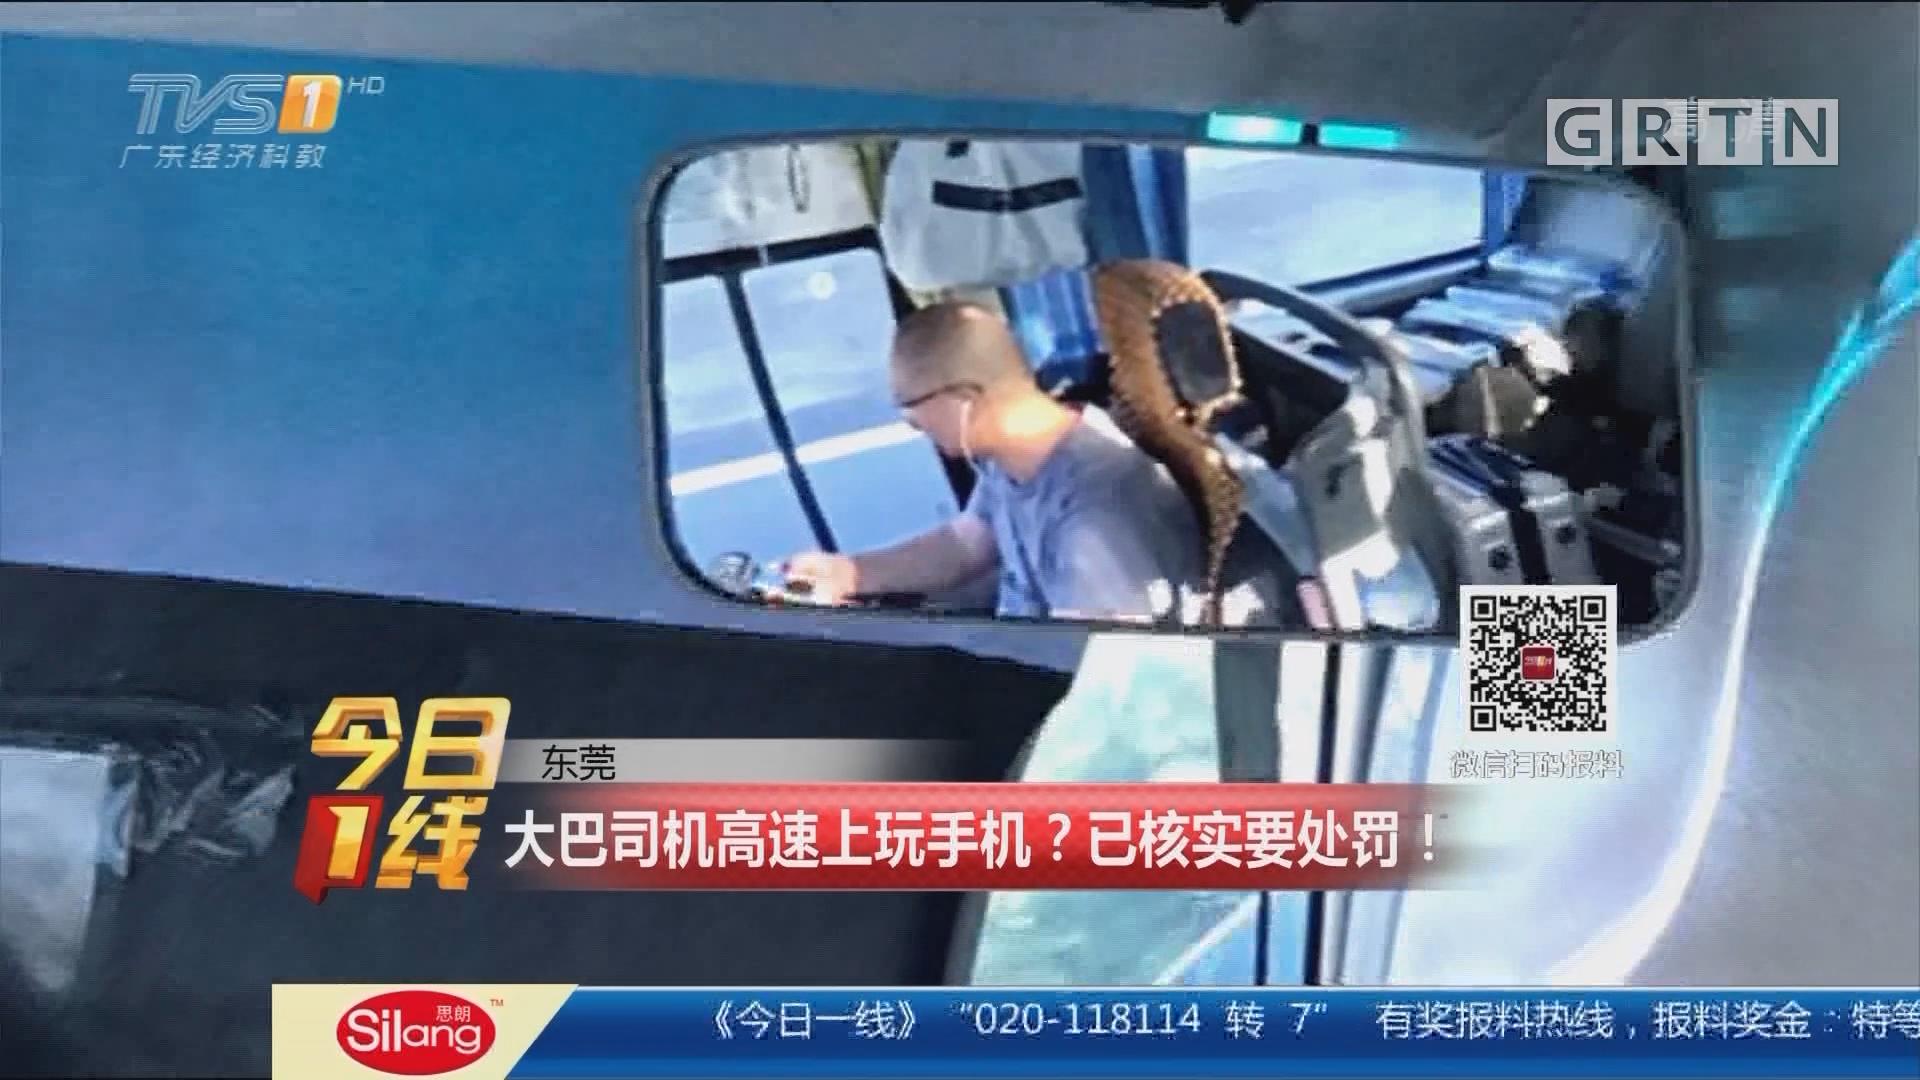 东莞:大巴司机高速上玩手机?已核实要处罚!